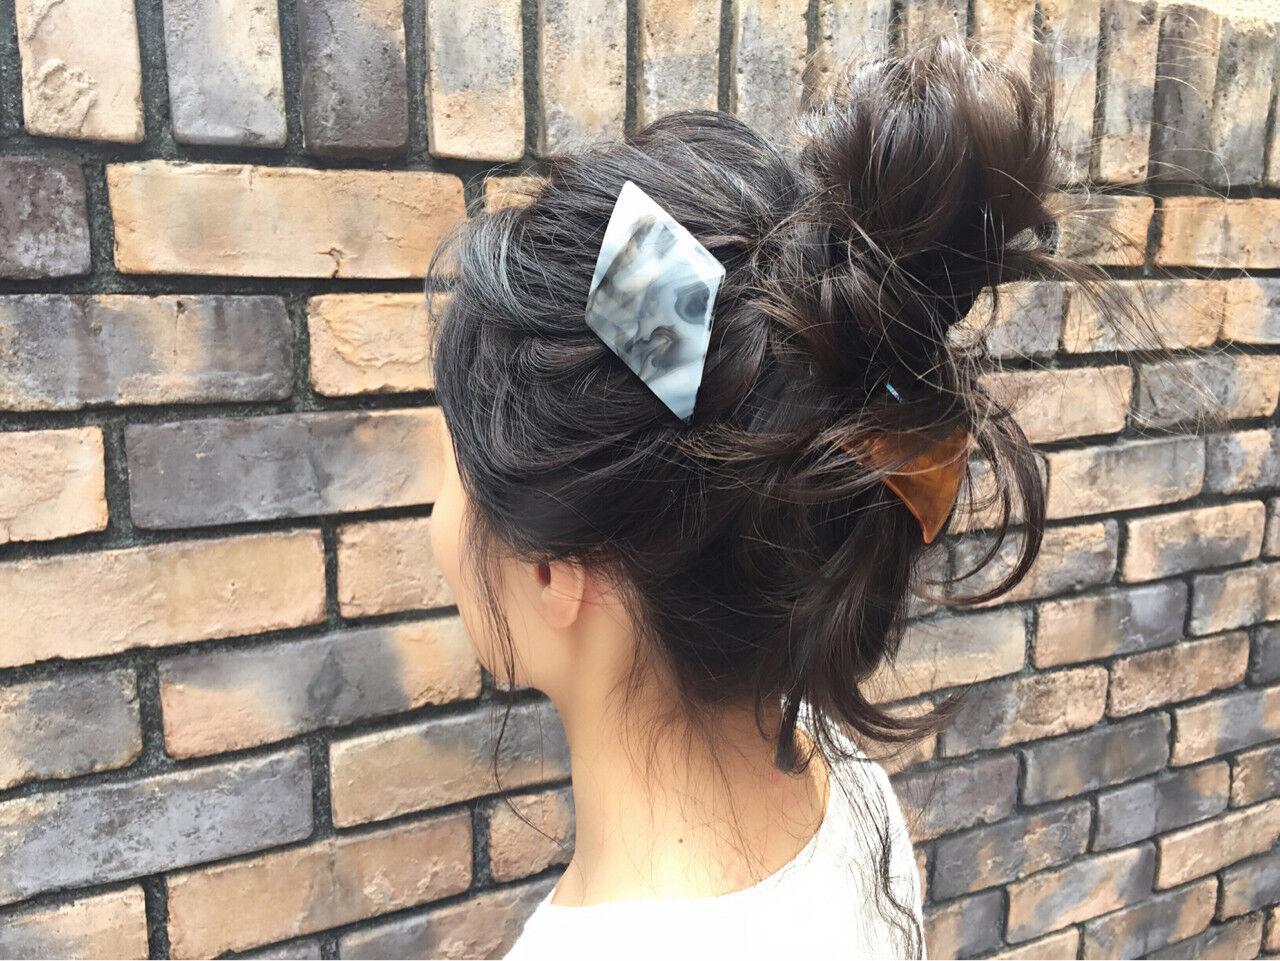 ヘアアレンジ 外国人風 簡単ヘアアレンジ ミディアムヘアスタイルや髪型の写真・画像